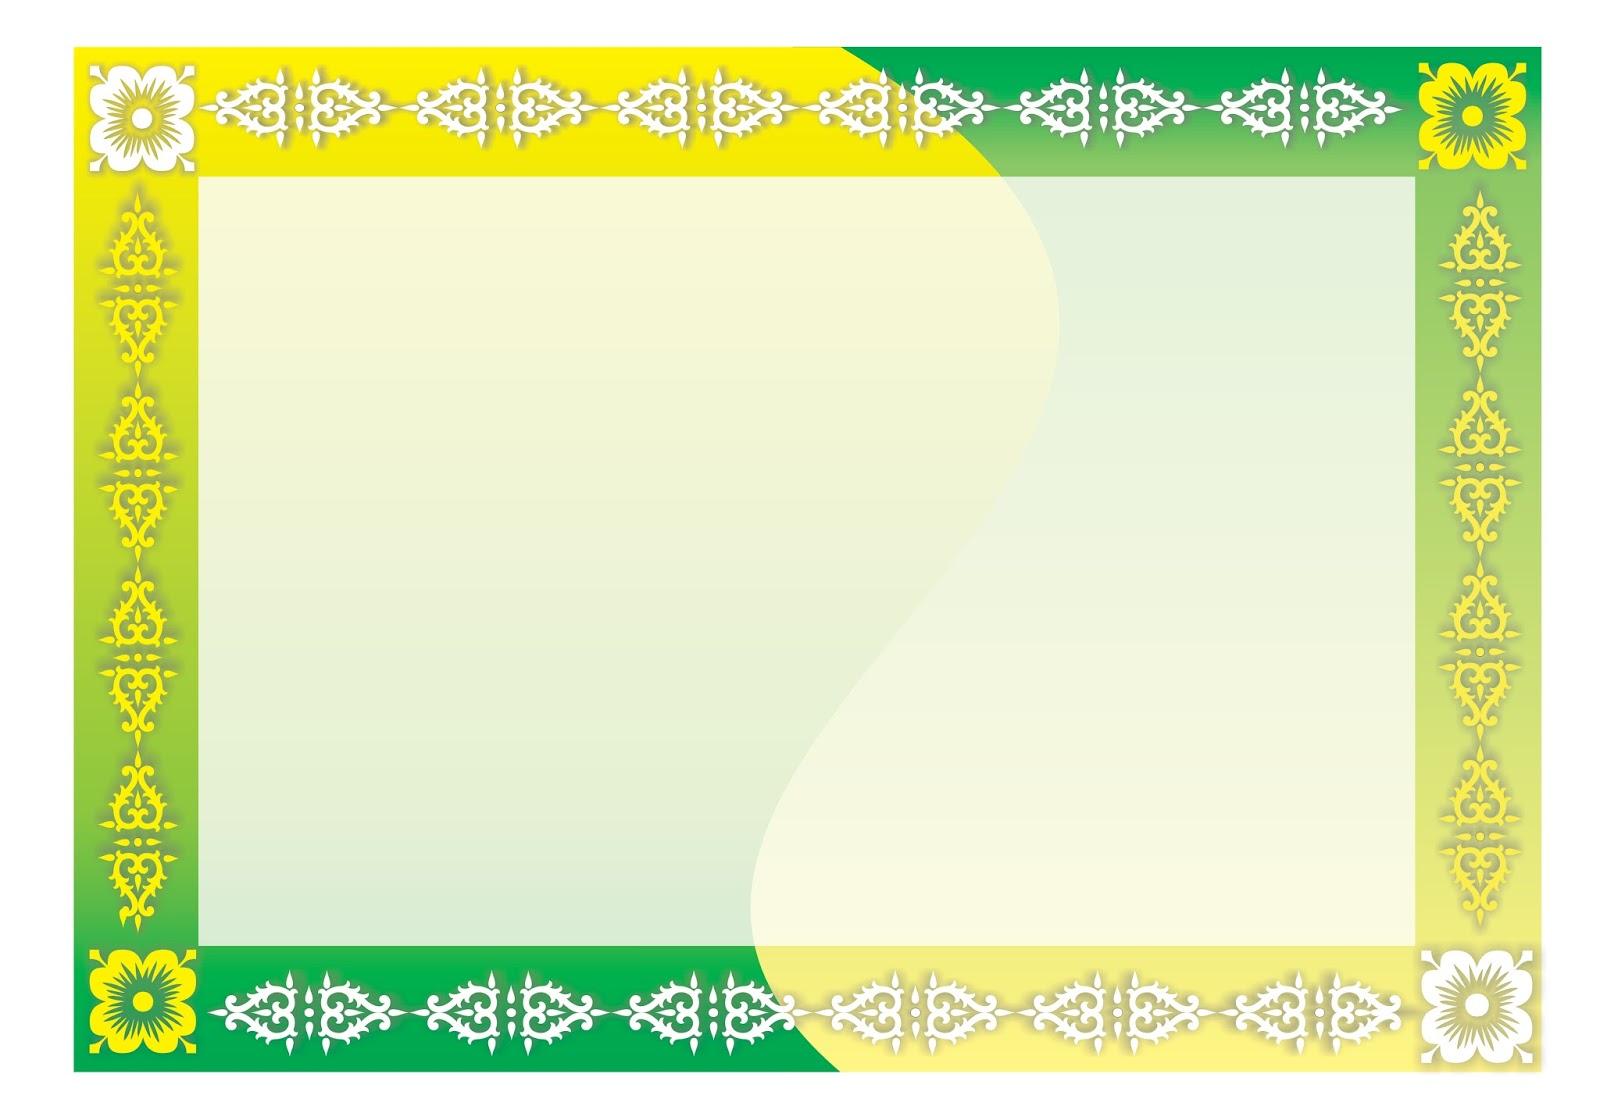 Gratis  Desain Undangan Pernikahan & Khitan  Tutorial Desain Grafis